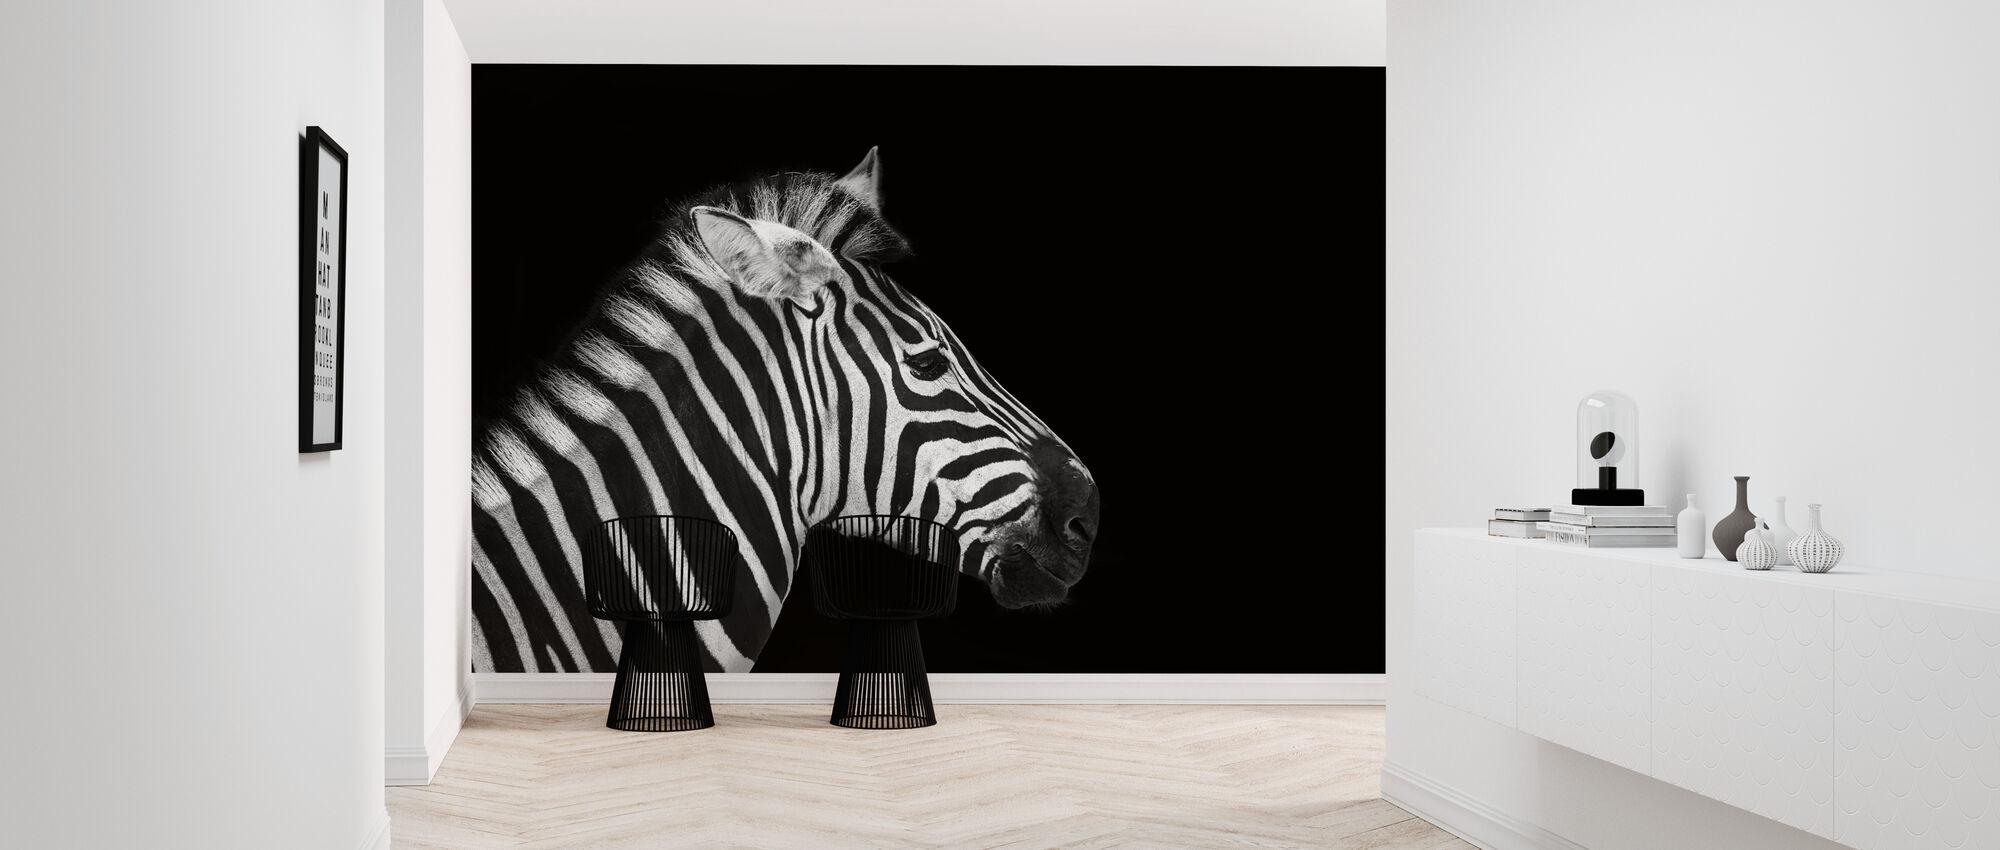 Zebra Portrait - Wallpaper - Hallway